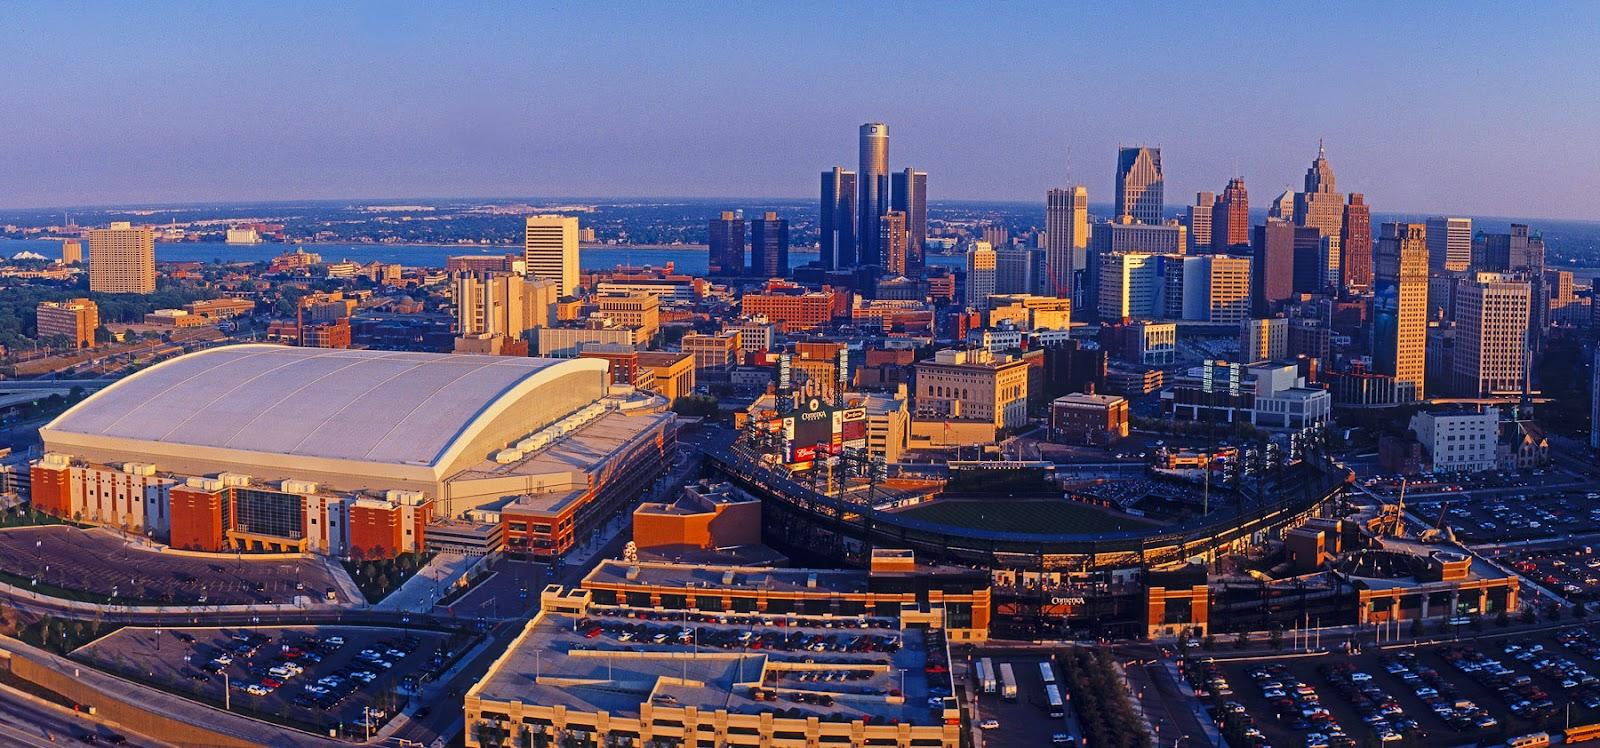 Detroit_Downtown_Sports_Zone_2013.jpg